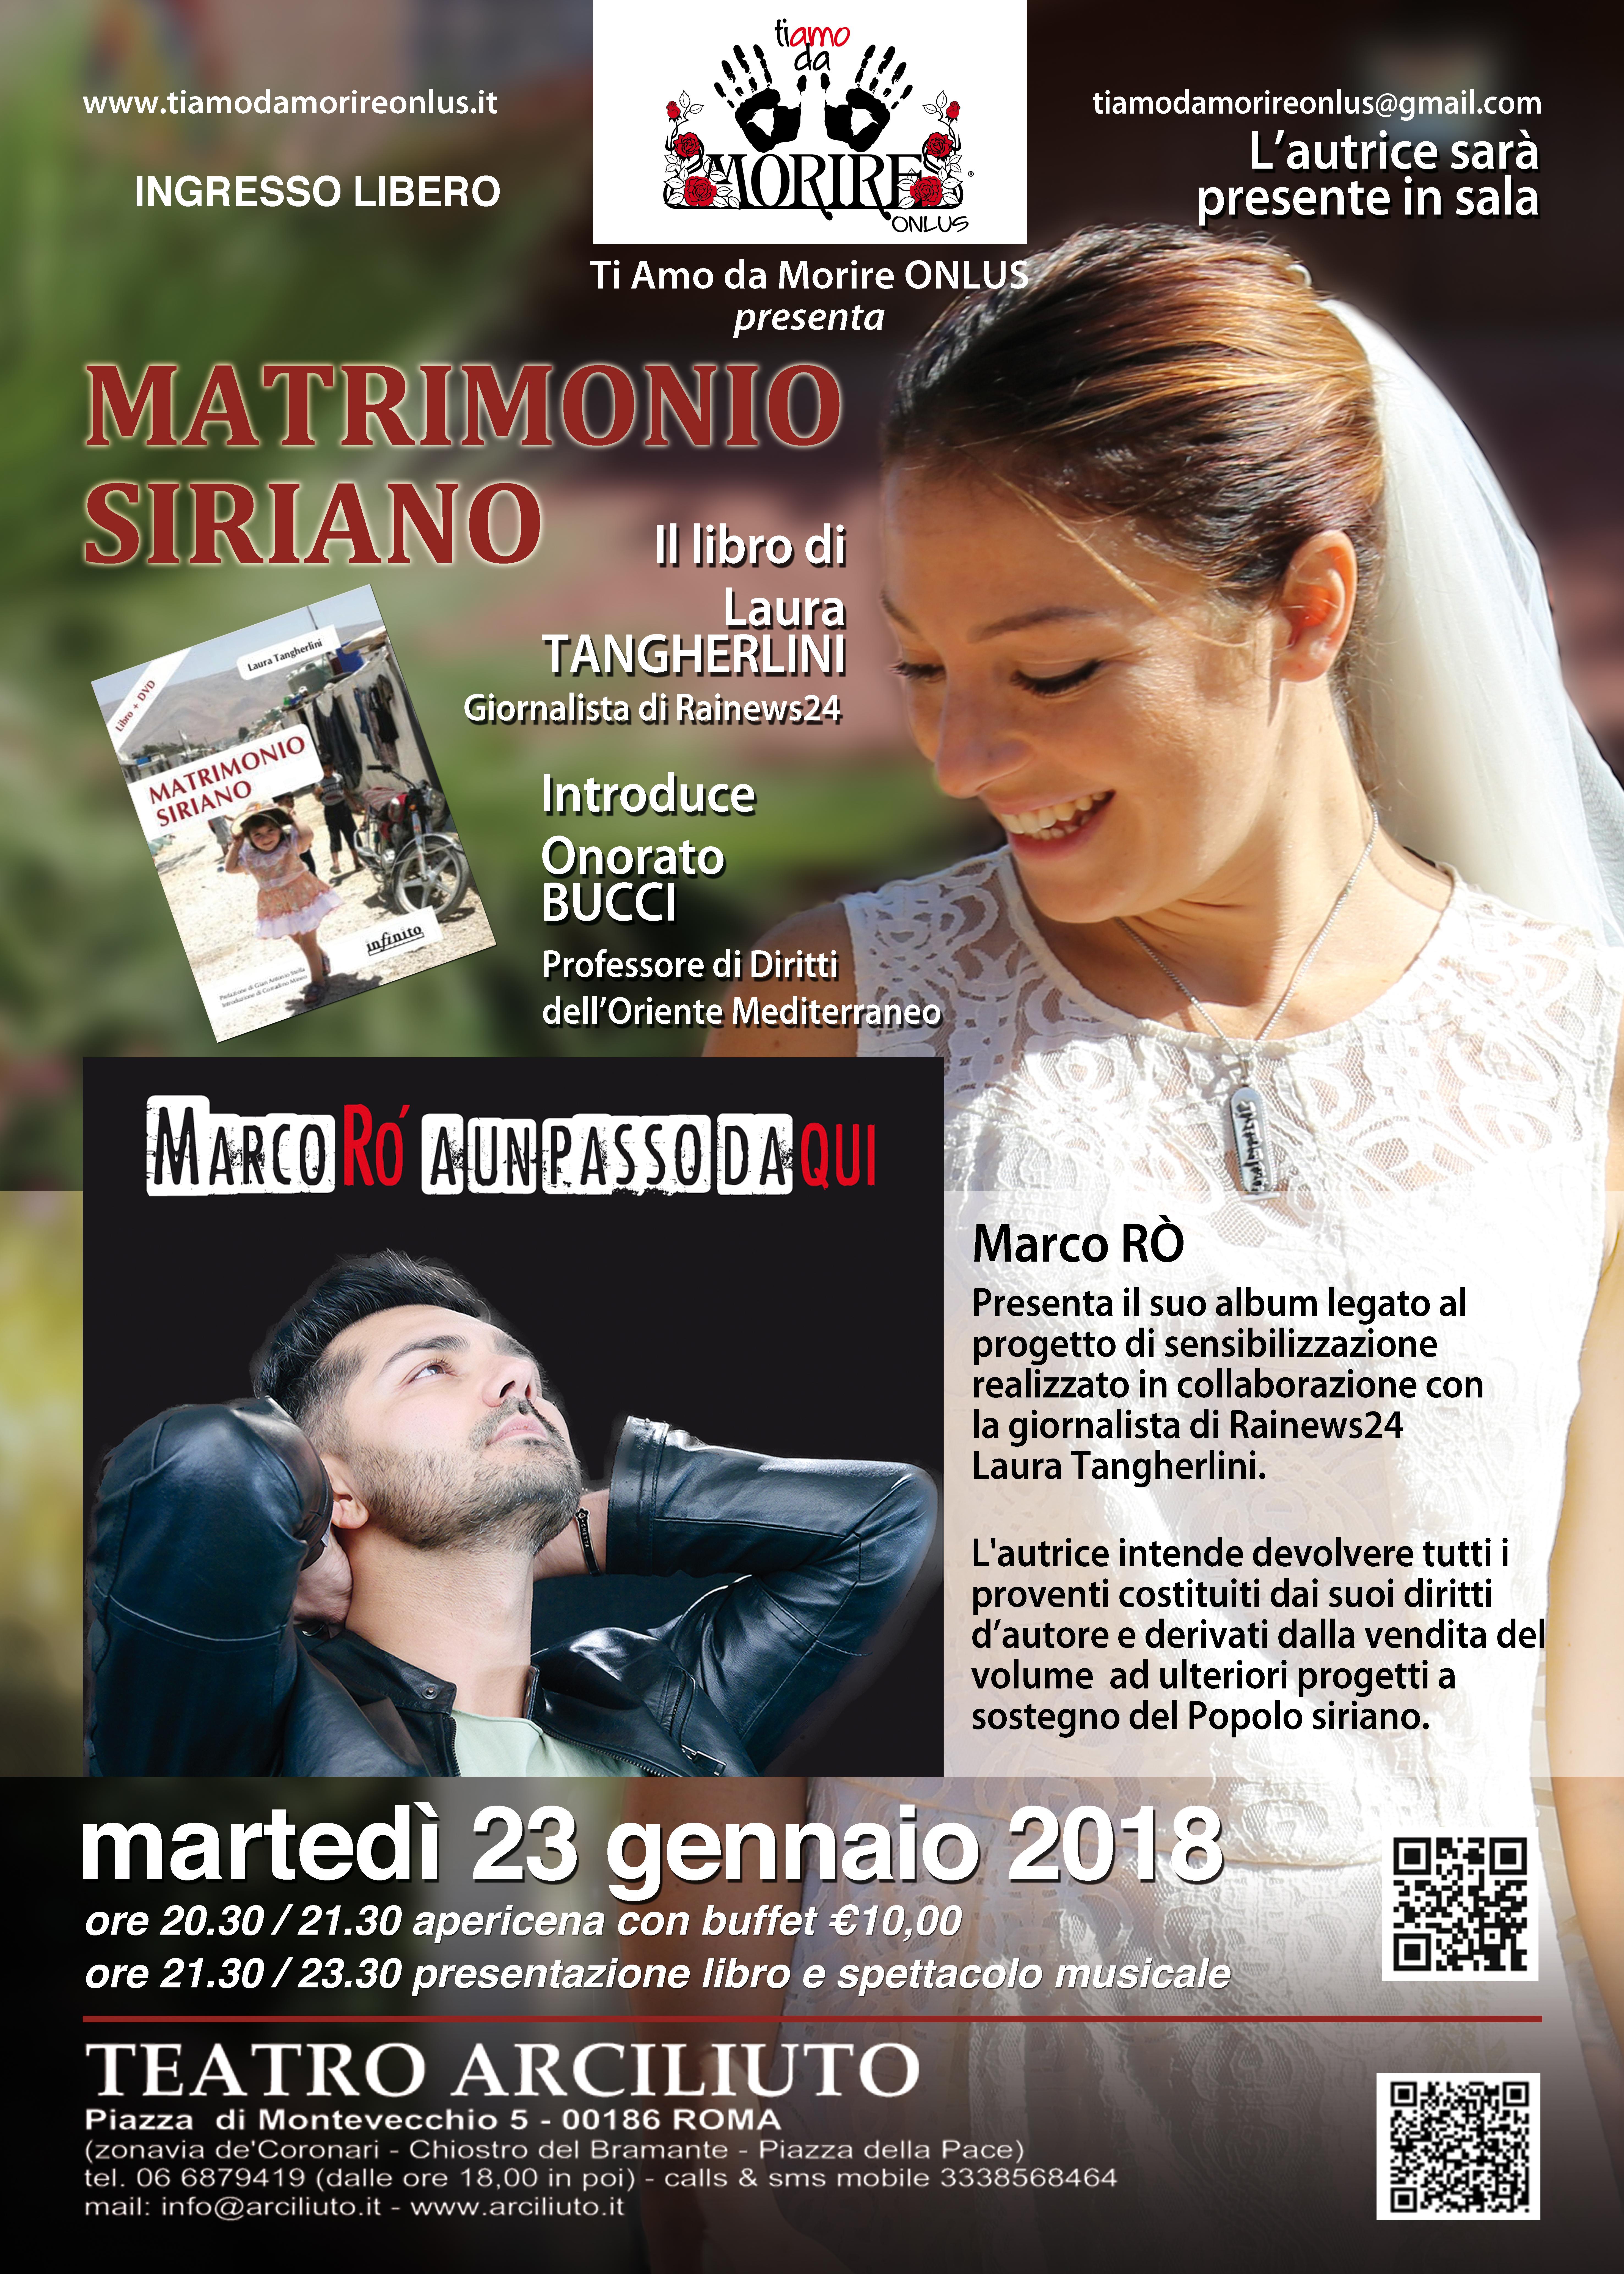 50x70 ONLUS Matrimonio siriano (3)